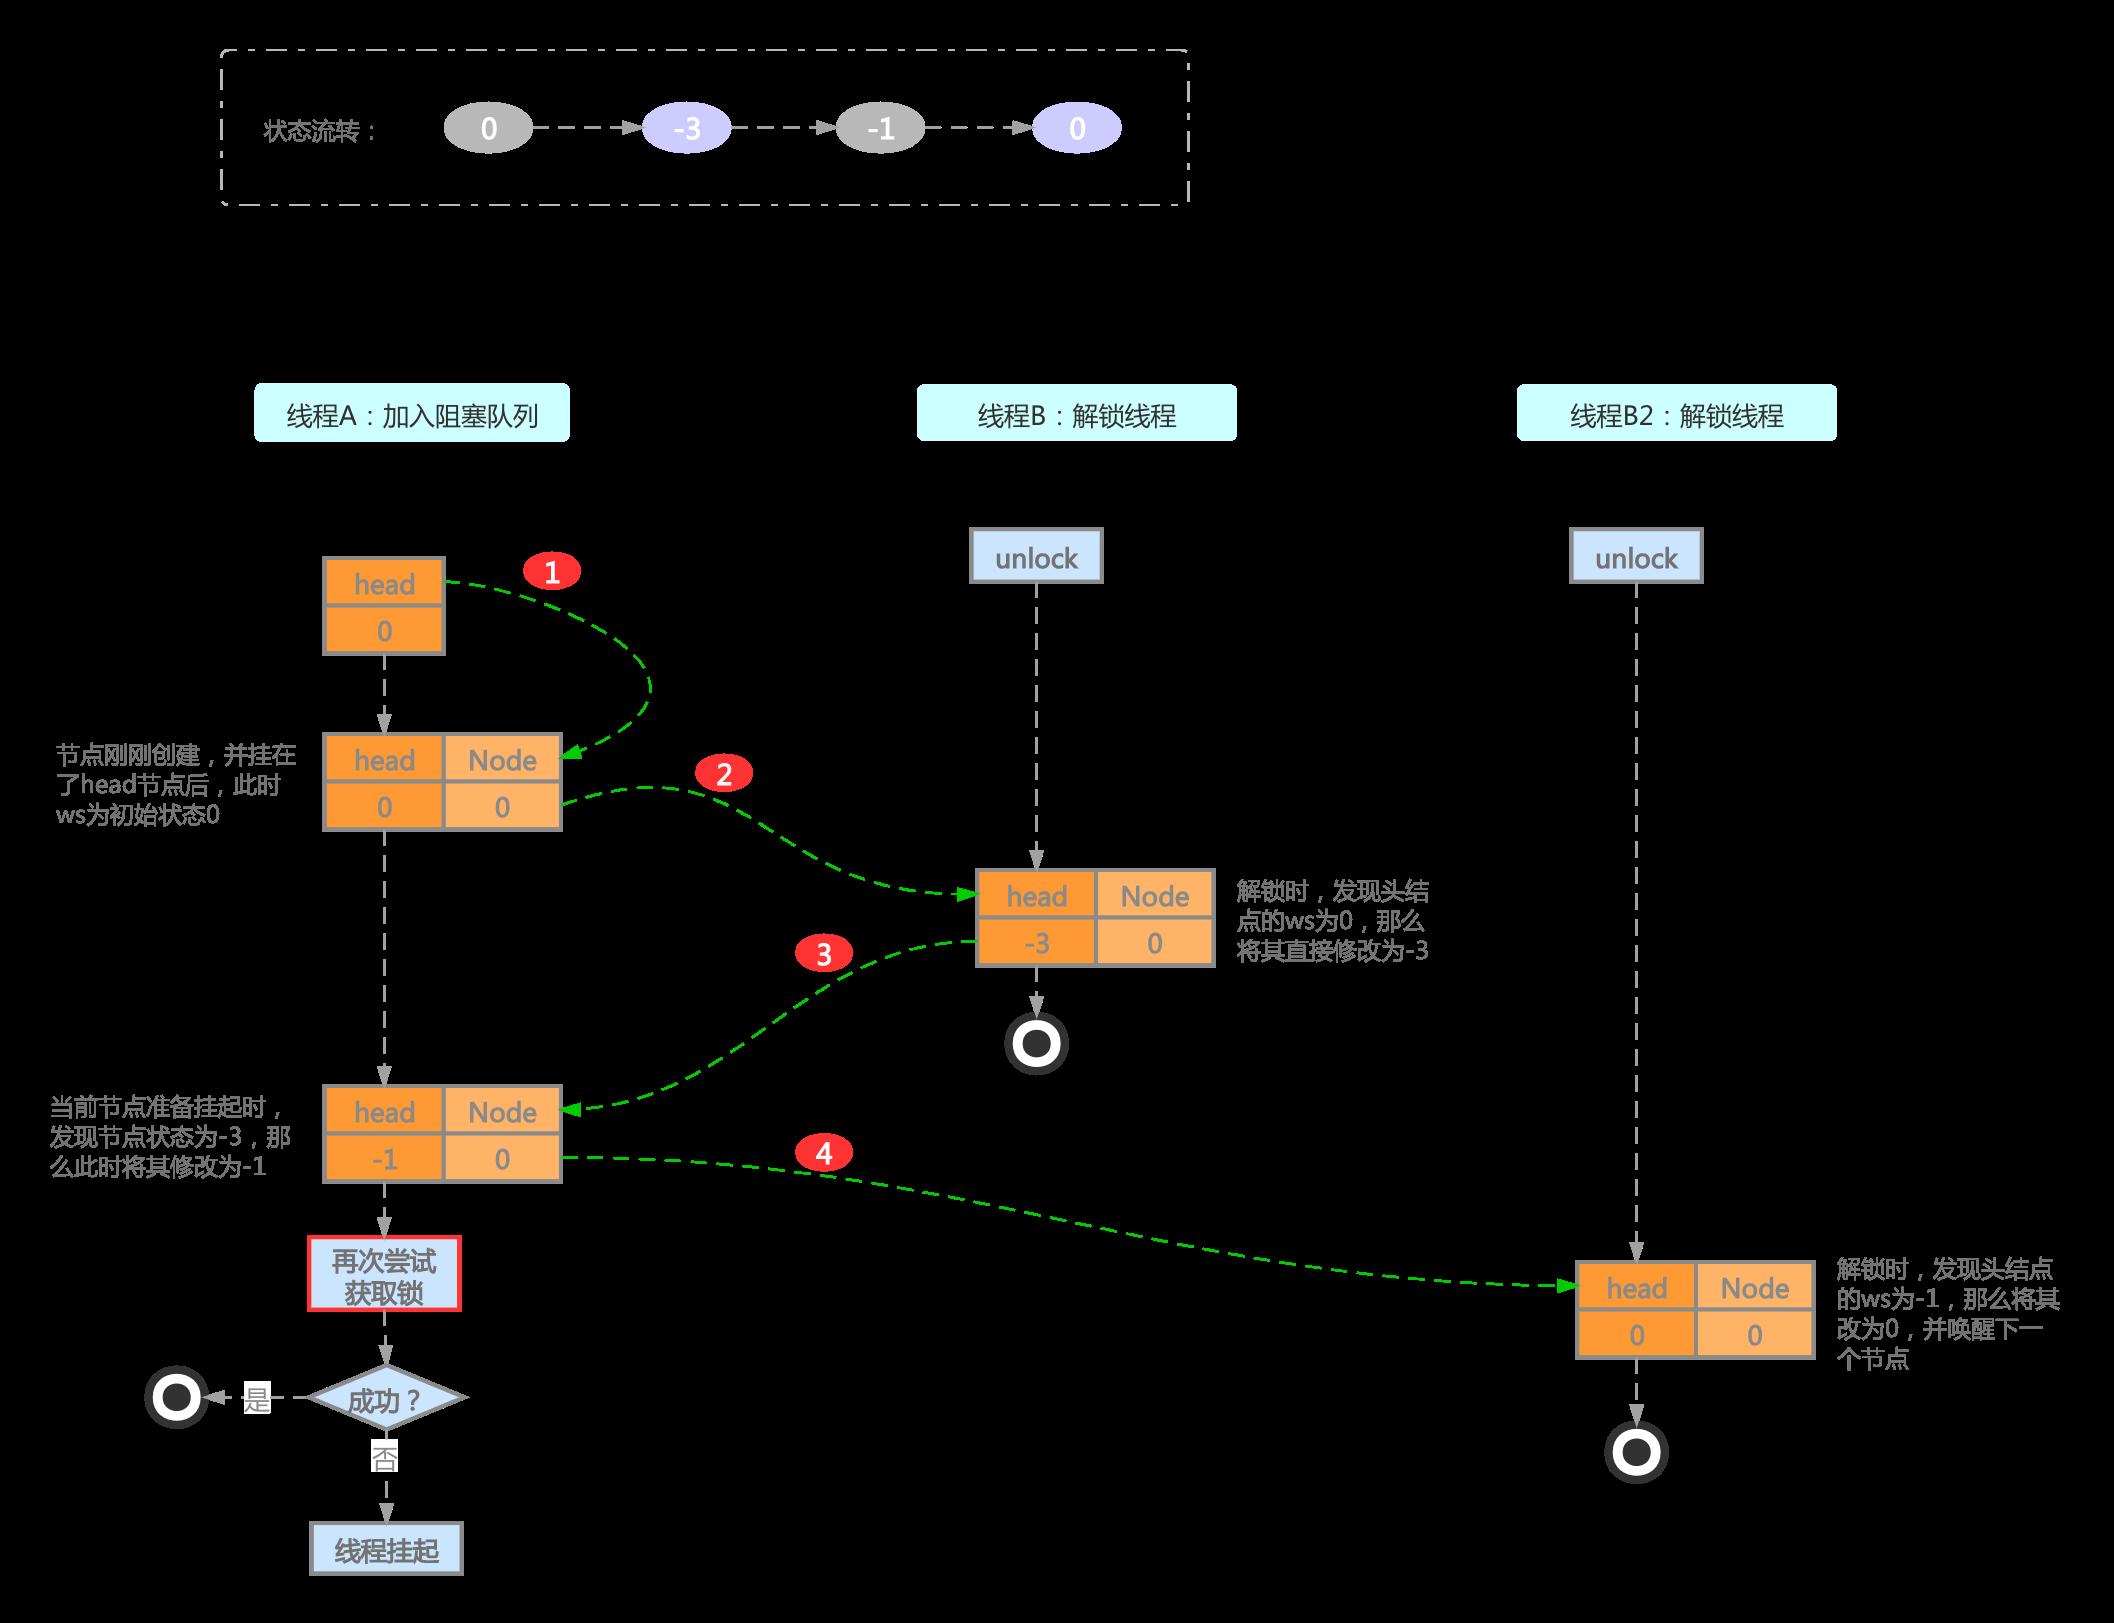 共享鎖加入阻塞佇列及解鎖ws流轉示意圖